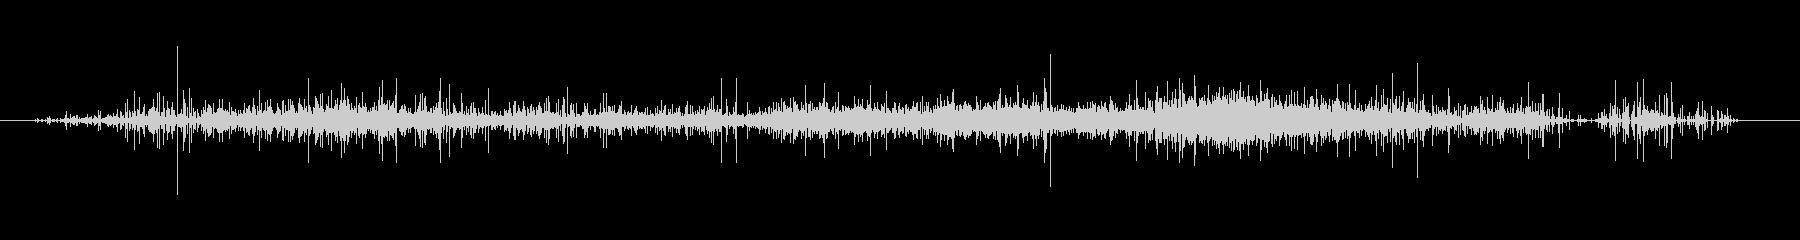 レインスティックスロー02の未再生の波形